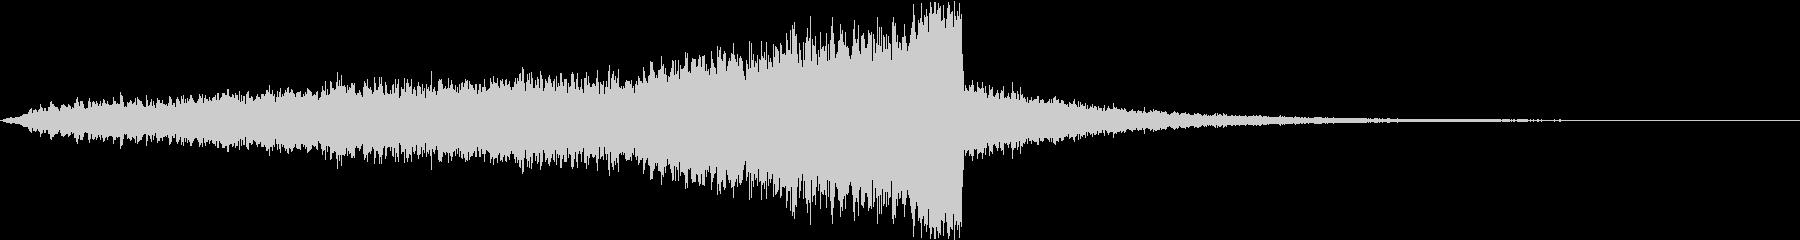 高品質なCINEMATICサウンドの未再生の波形